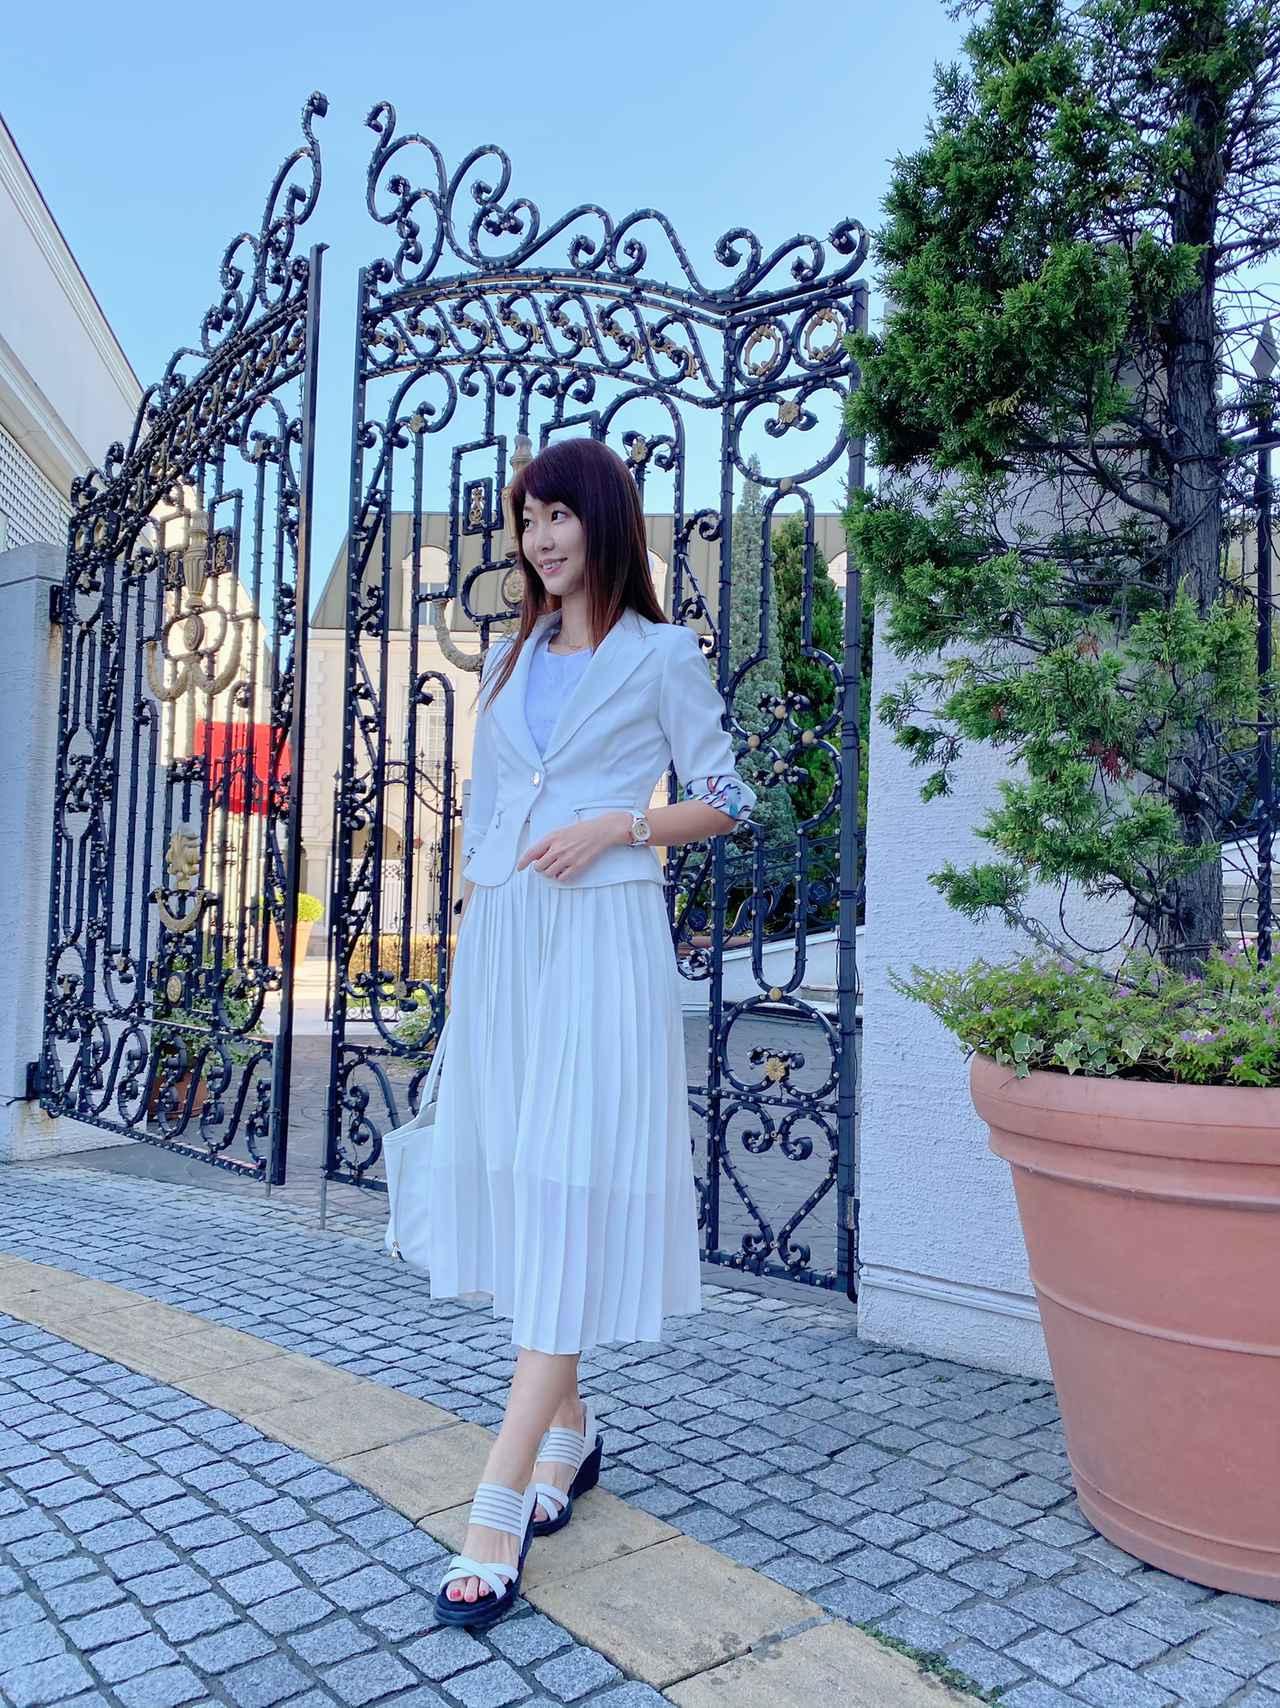 画像5: 【ユニクロ】えっ!まさかの990円?超高見え♡「プリーツスカート」でコーデしてみた